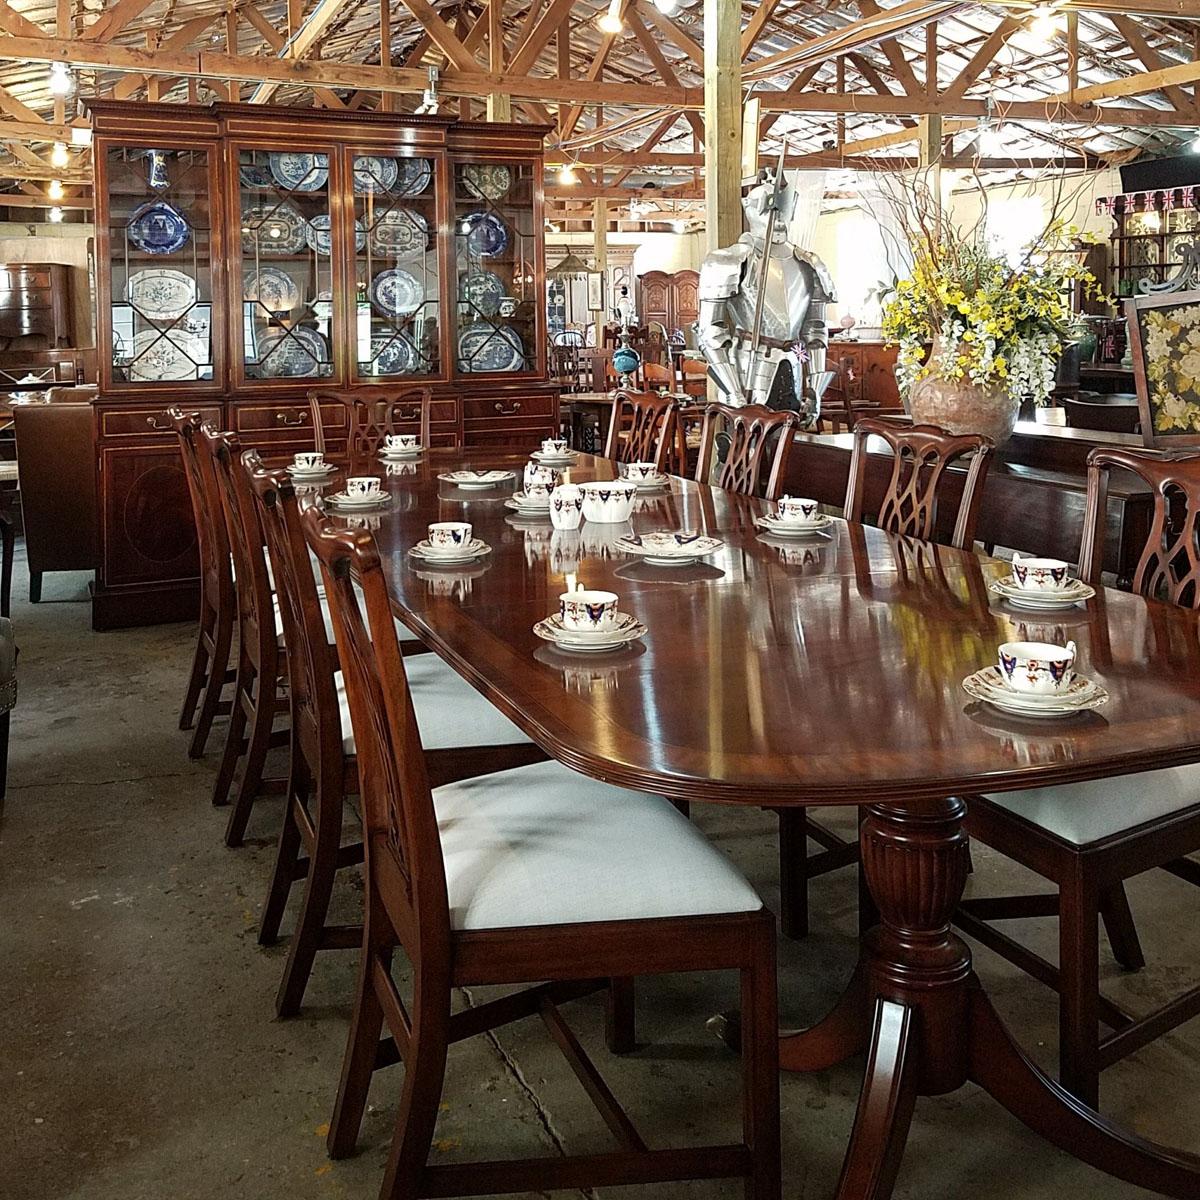 Mahogany formal dining room furniture